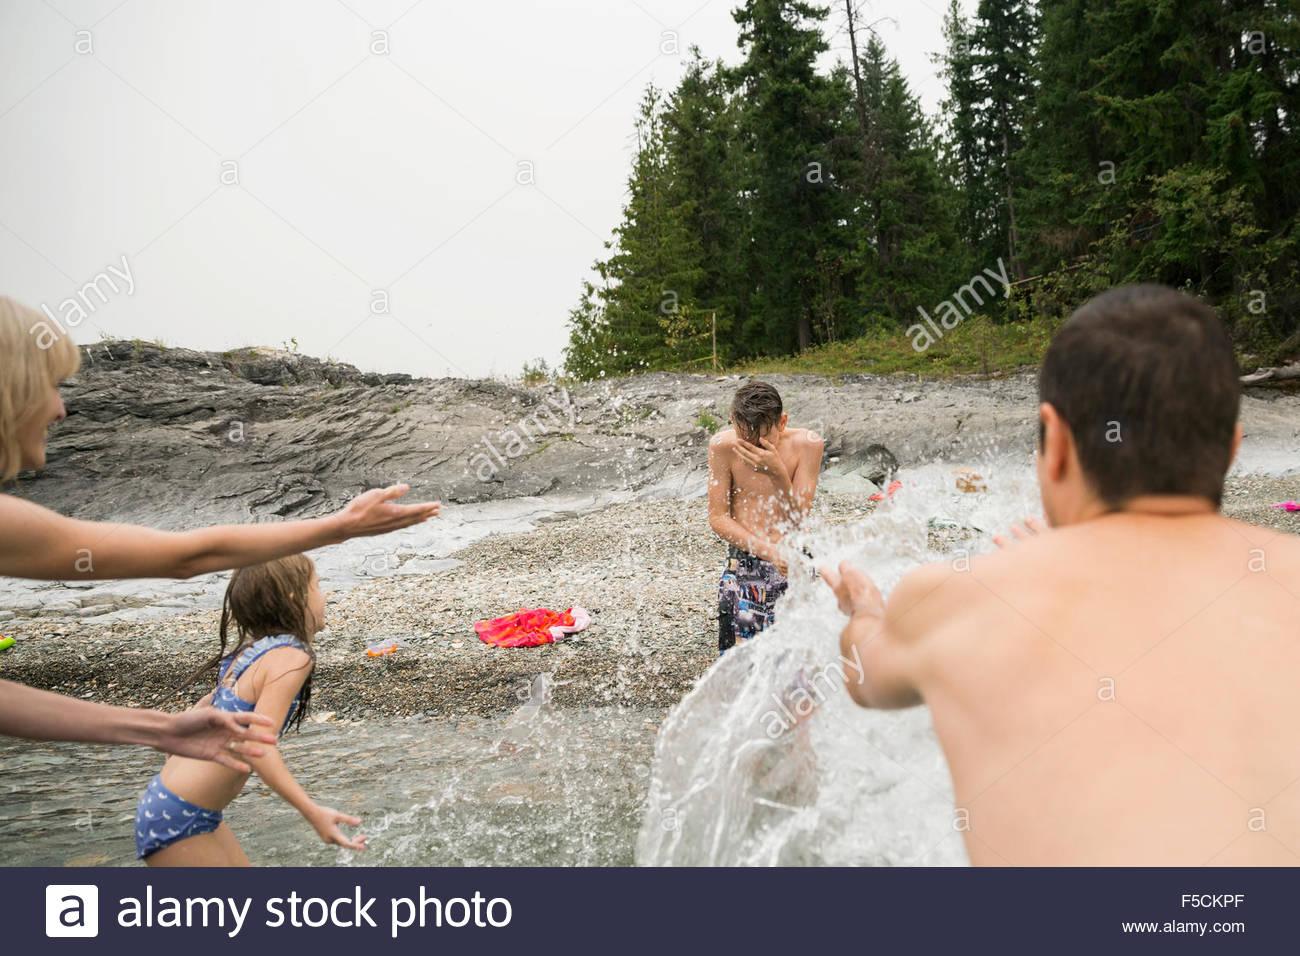 Playful family splashing son in lake - Stock Image